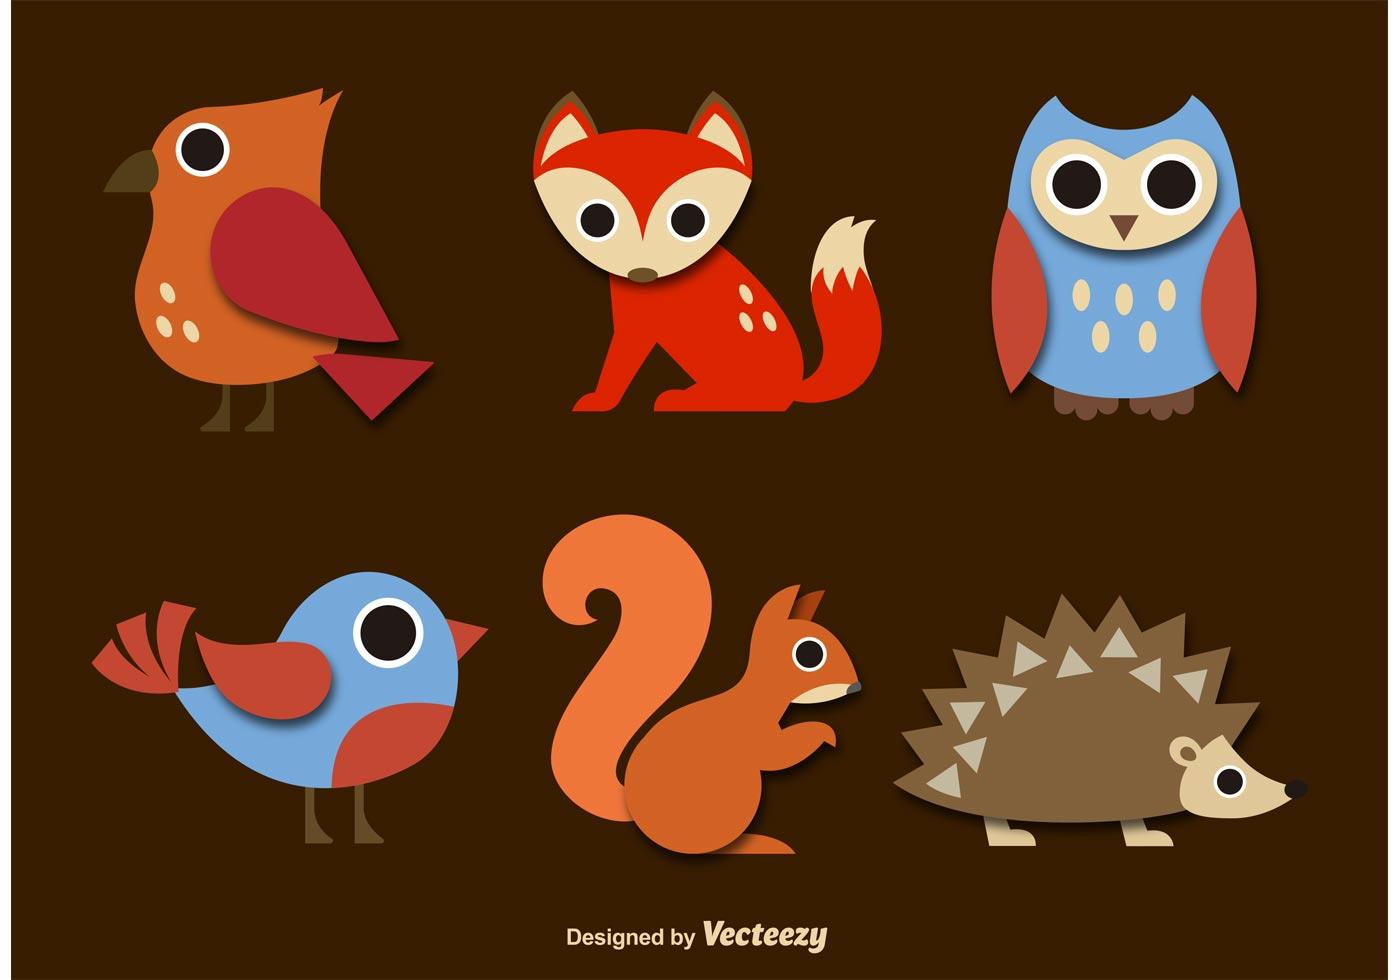 Forest Animals Cartoon Vectors - Download Free Vectors ...